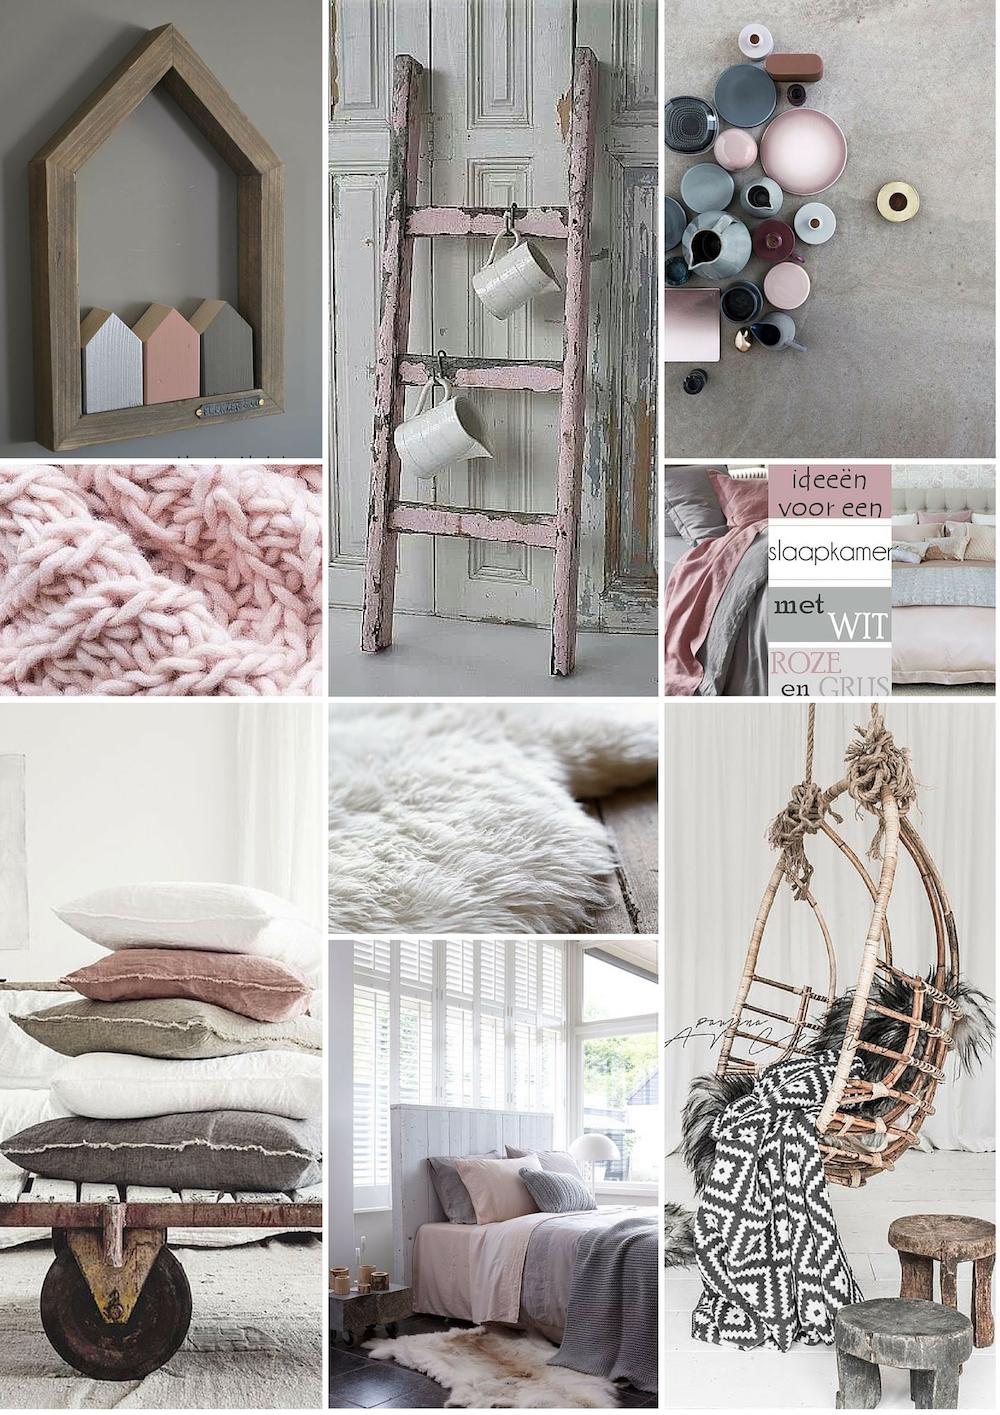 Moodboard slaapkamer meisje: roze, wit en grijstinten met hout accenten. Slappkamerruil via Styling ID